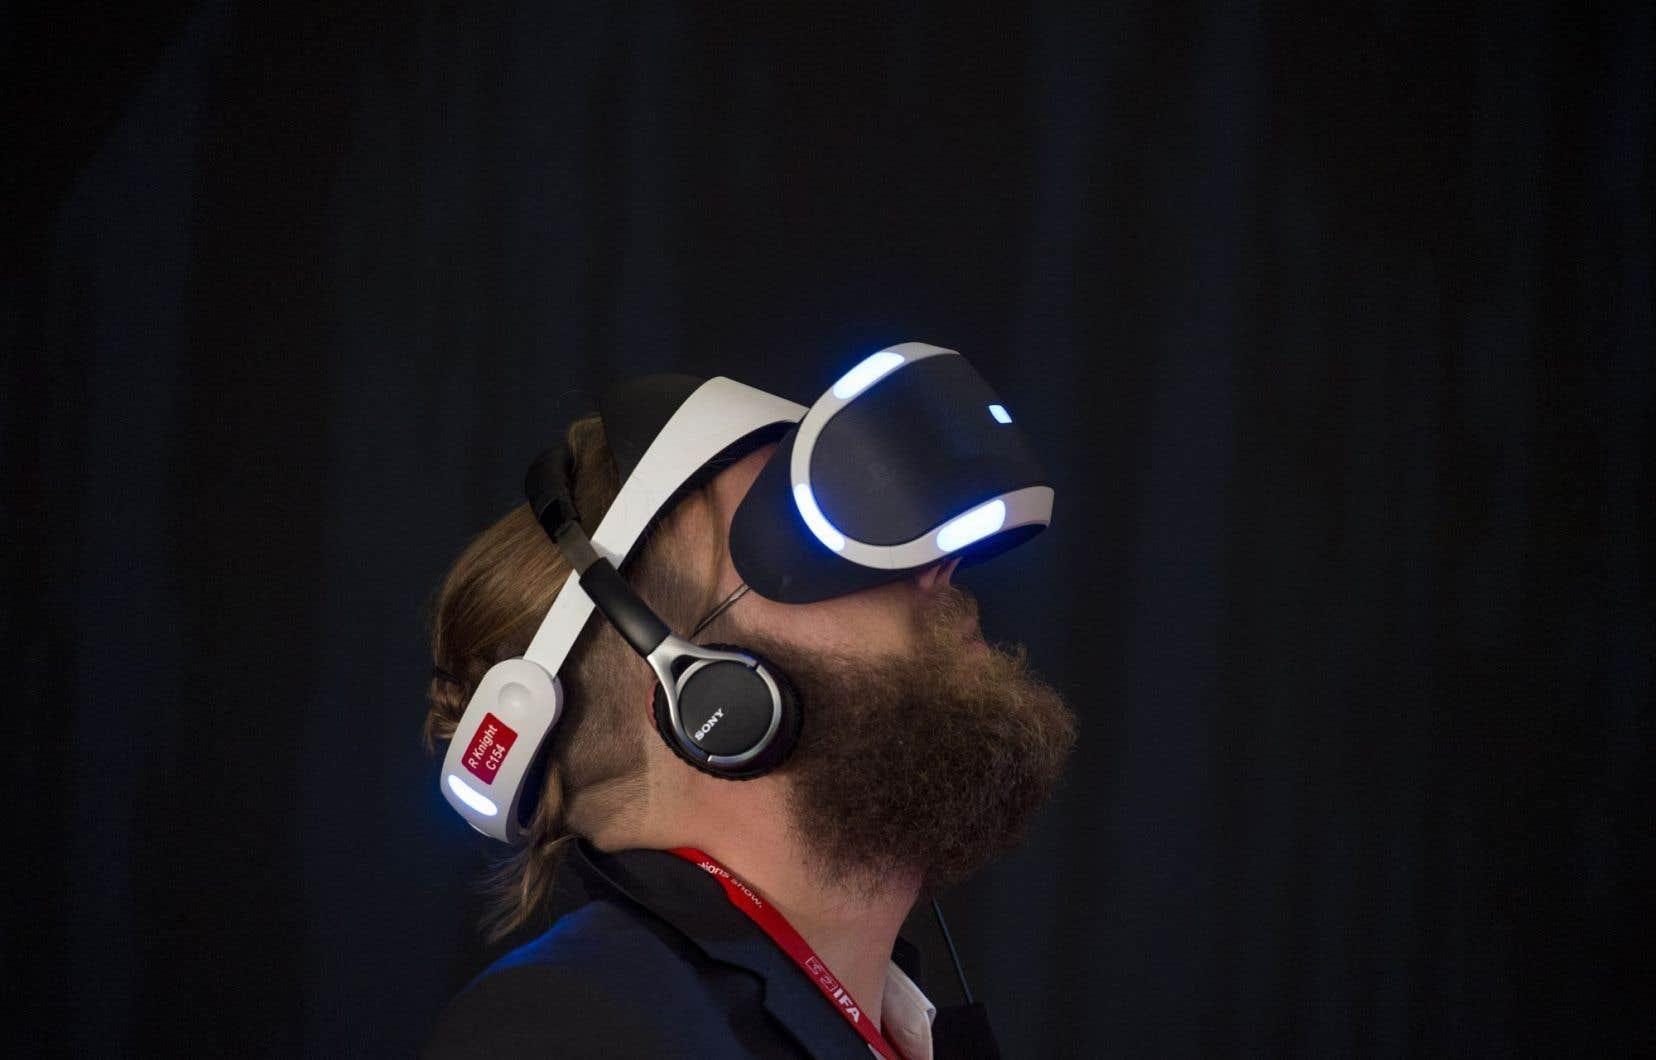 La réalité virtuelle ne fait donc pas vraiment bon ménage avec les yeux. Mais pas de quoi s'en inquiéter outre mesure, disent les médecins.